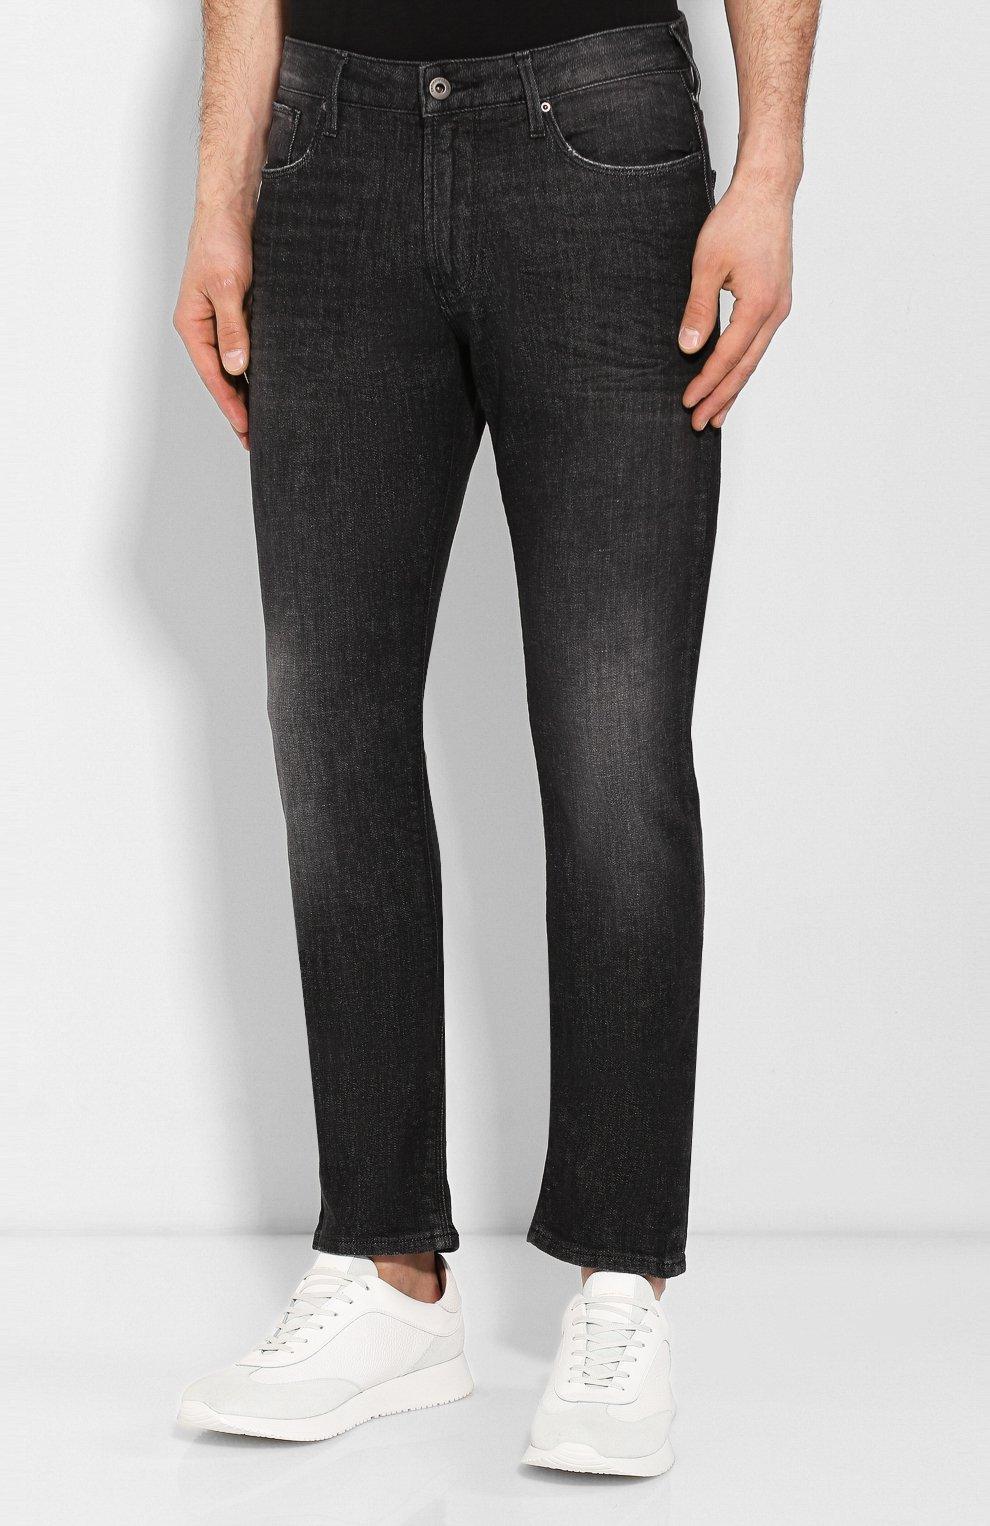 Мужские джинсы прямого кроя EMPORIO ARMANI серого цвета, арт. 8N1J06/1DT5Z | Фото 3 (Силуэт М (брюки): Прямые; Длина (брюки, джинсы): Стандартные; Материал внешний: Хлопок)